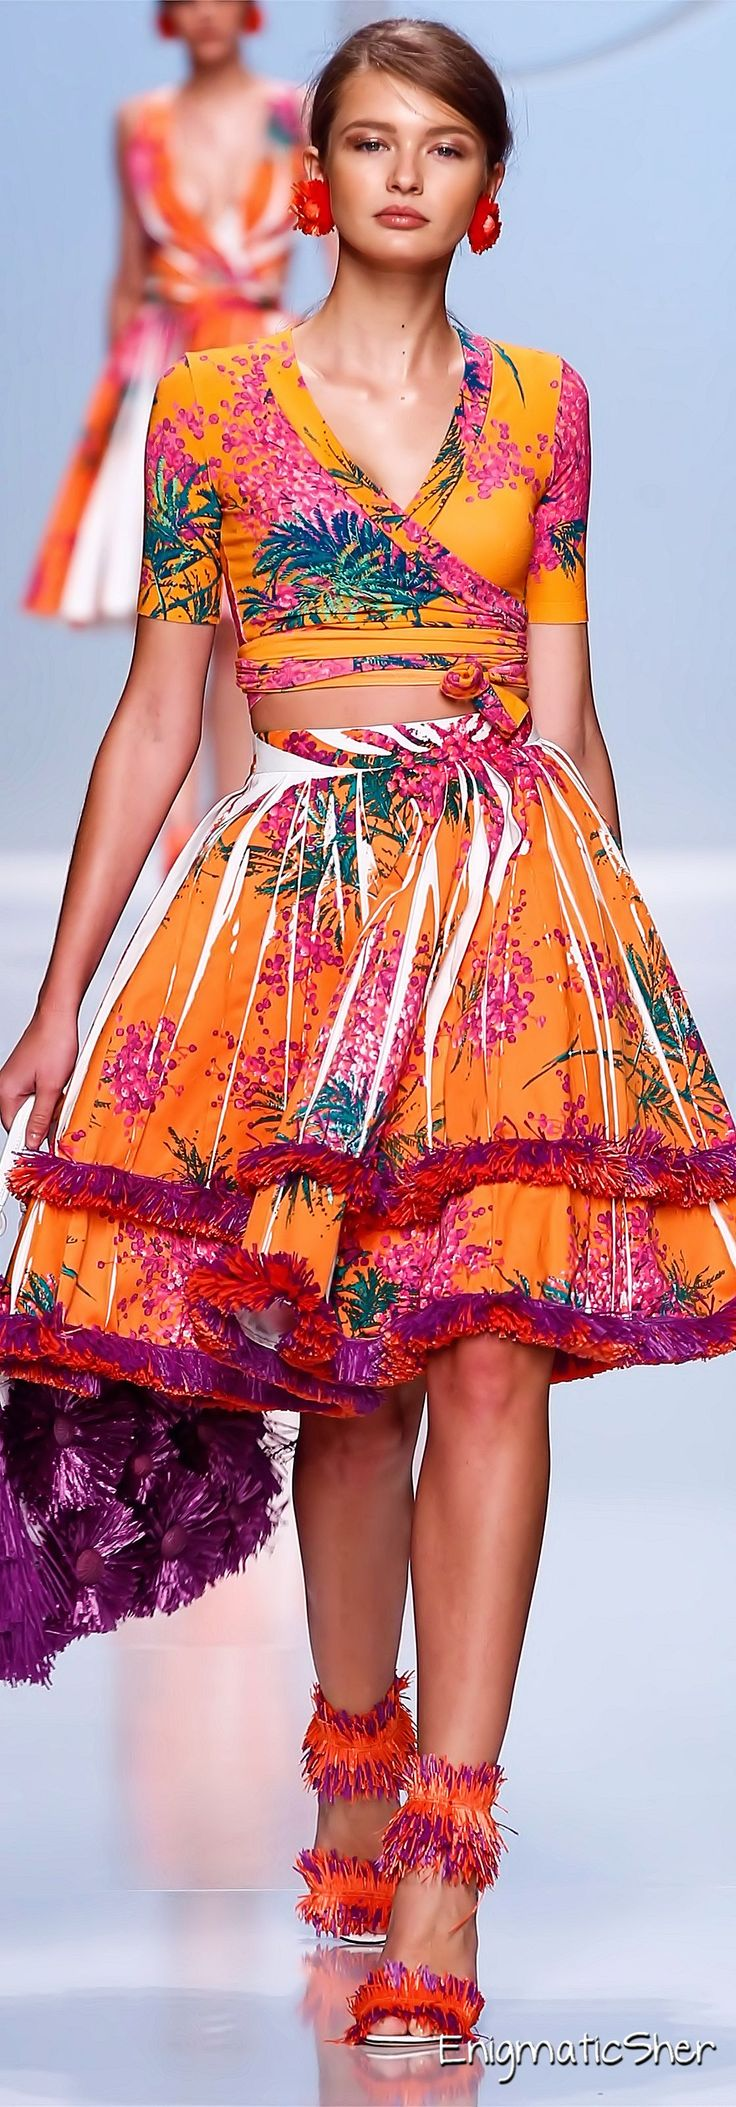 #Farbbberatung #Stilberatung #Farbenreich mit www.farben-reich.com Blumarine